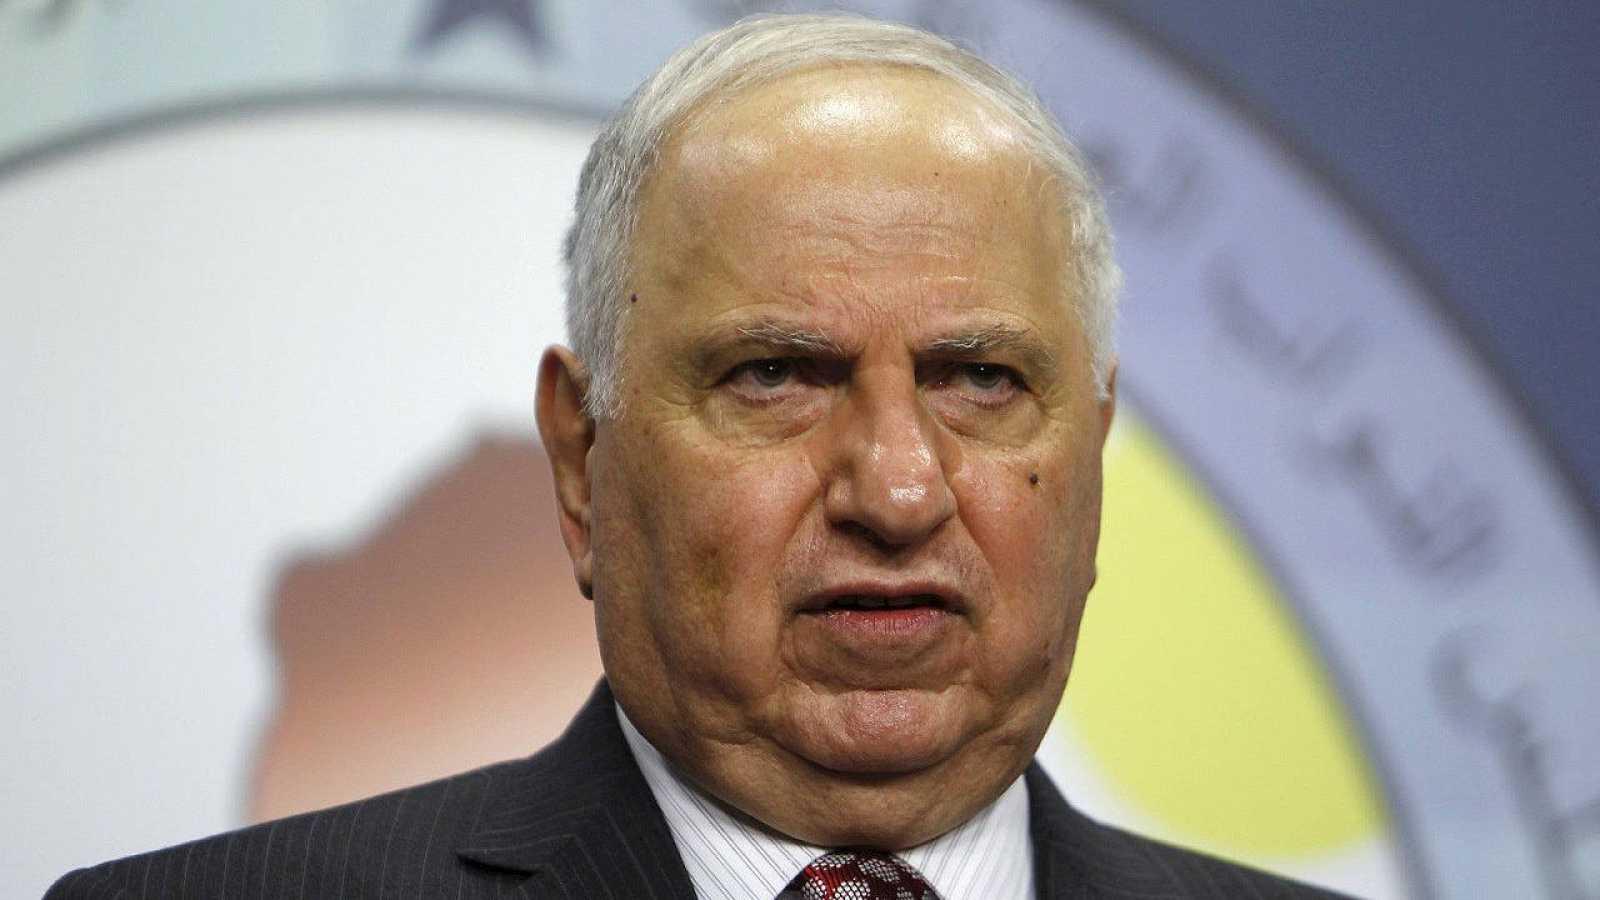 Imagen de archivo de Ahmed Chalabi, político iraquí fallecido a los 71 años. Reuters/Ahmed Saad